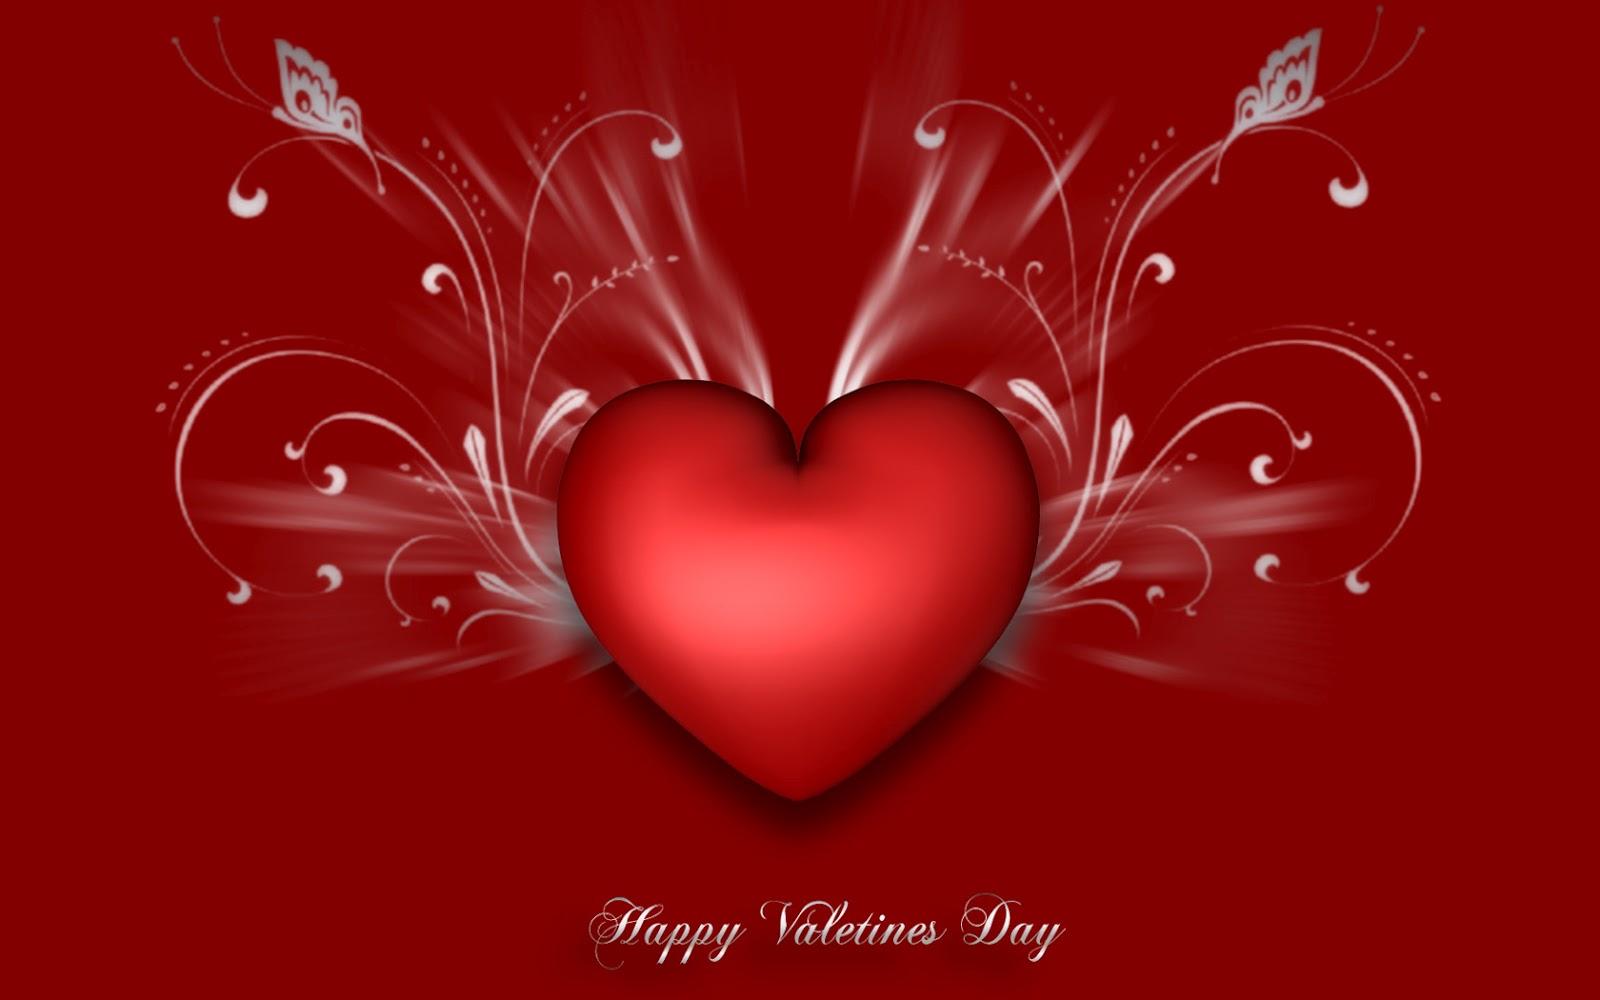 http://2.bp.blogspot.com/-w3a-t7gC5RI/TzmWRAfnwVI/AAAAAAAAEb0/u7tW2nKAIkI/s1600/Happy-Valentines-Day-Wallpaper-09.jpg